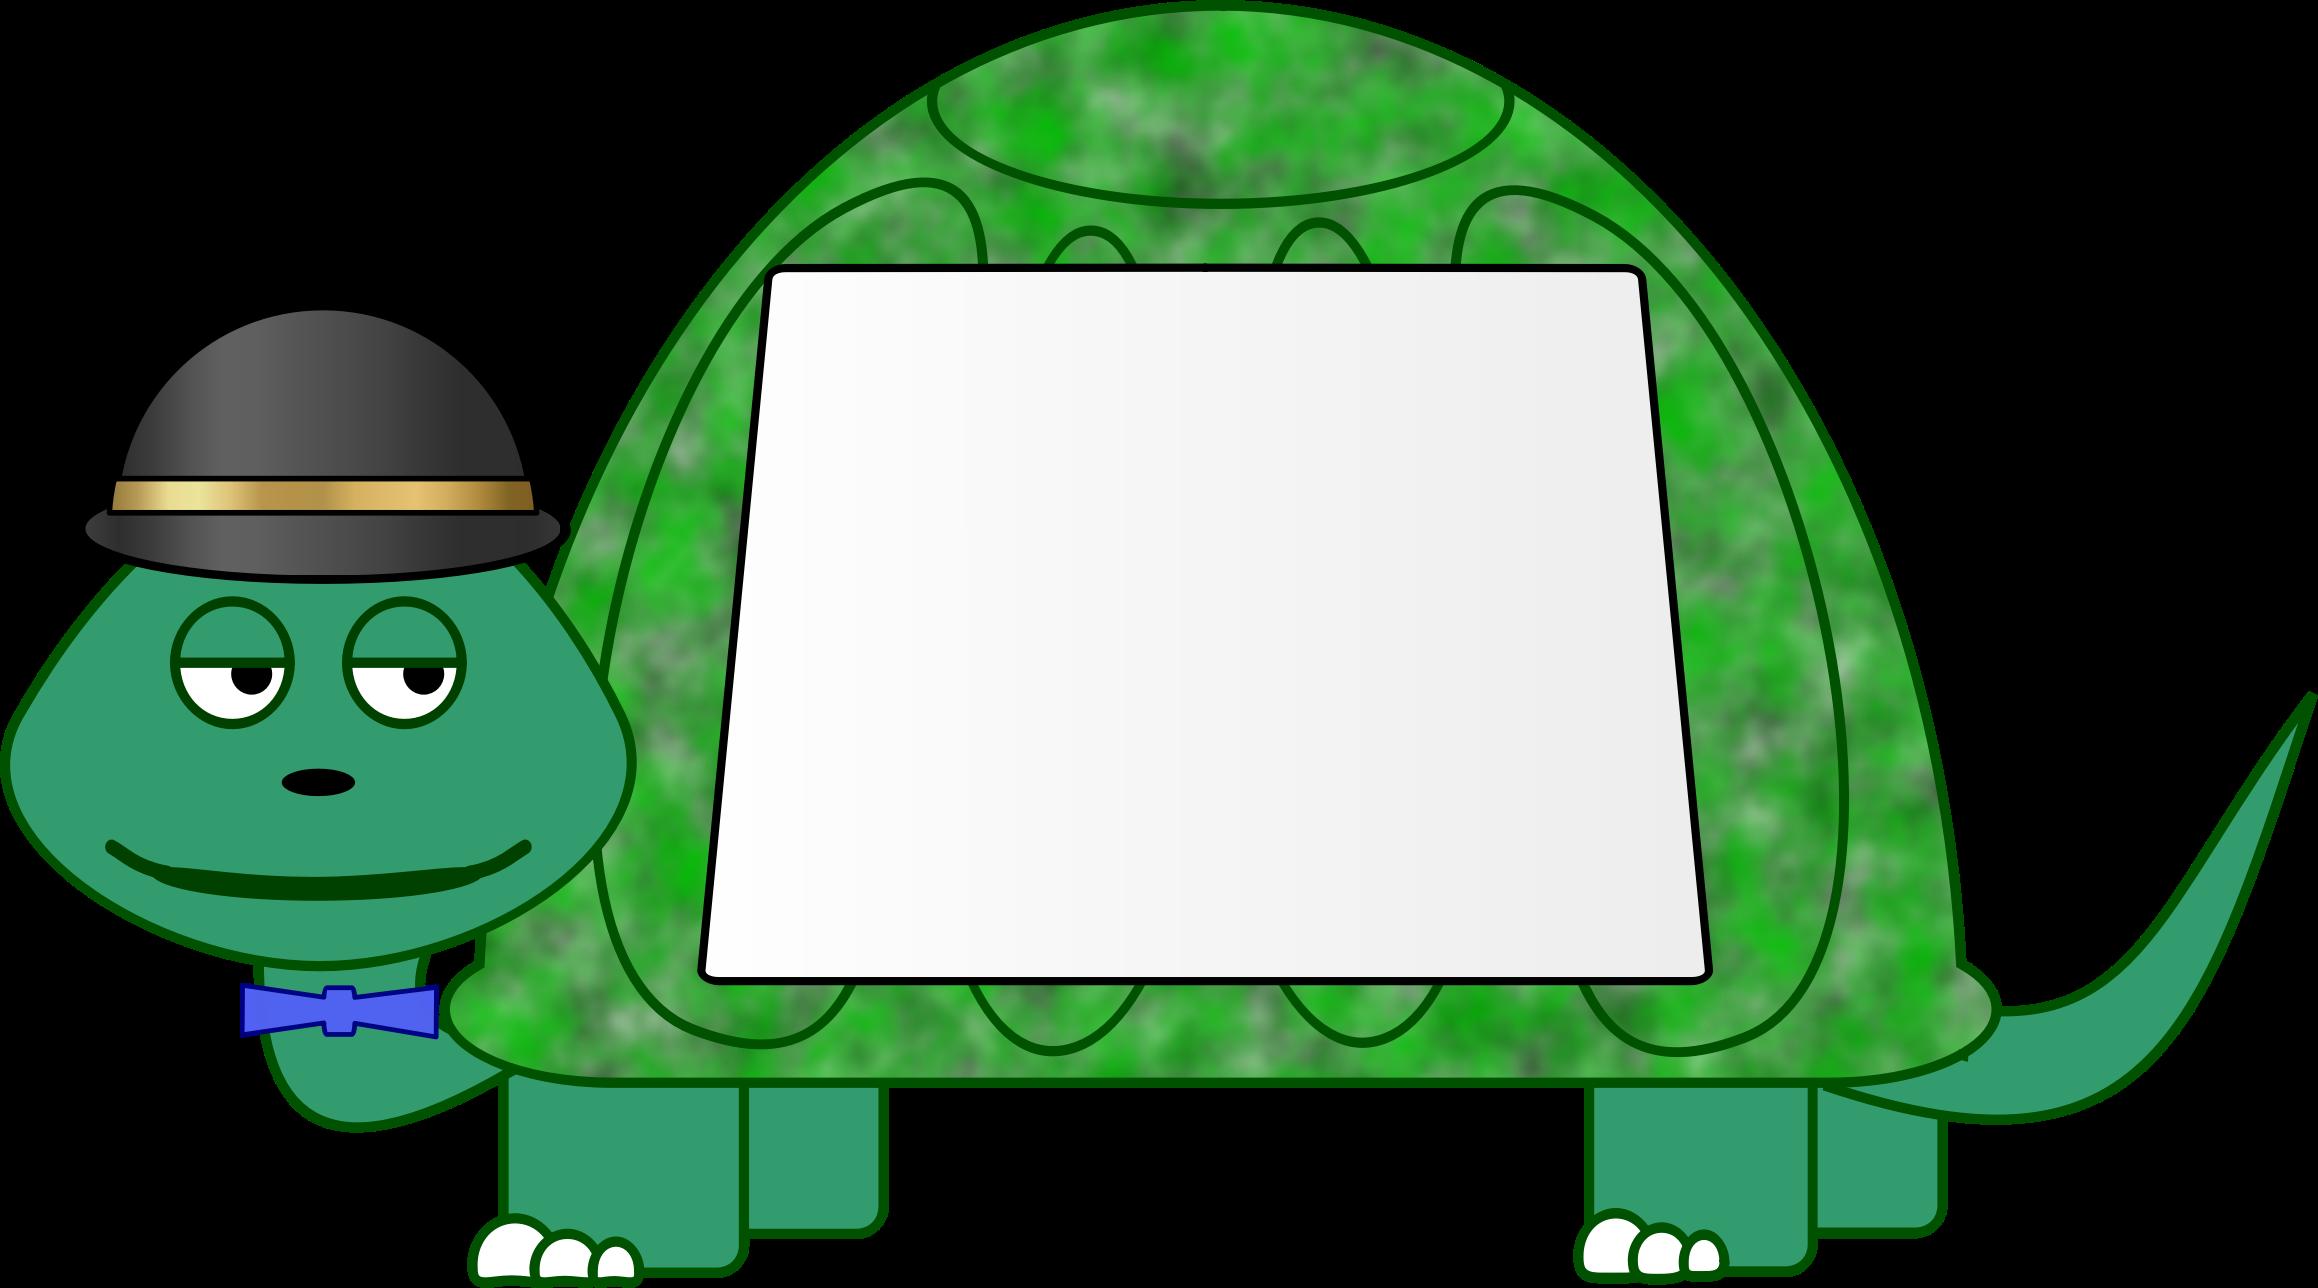 Sign big image png. Clipart turtle frame